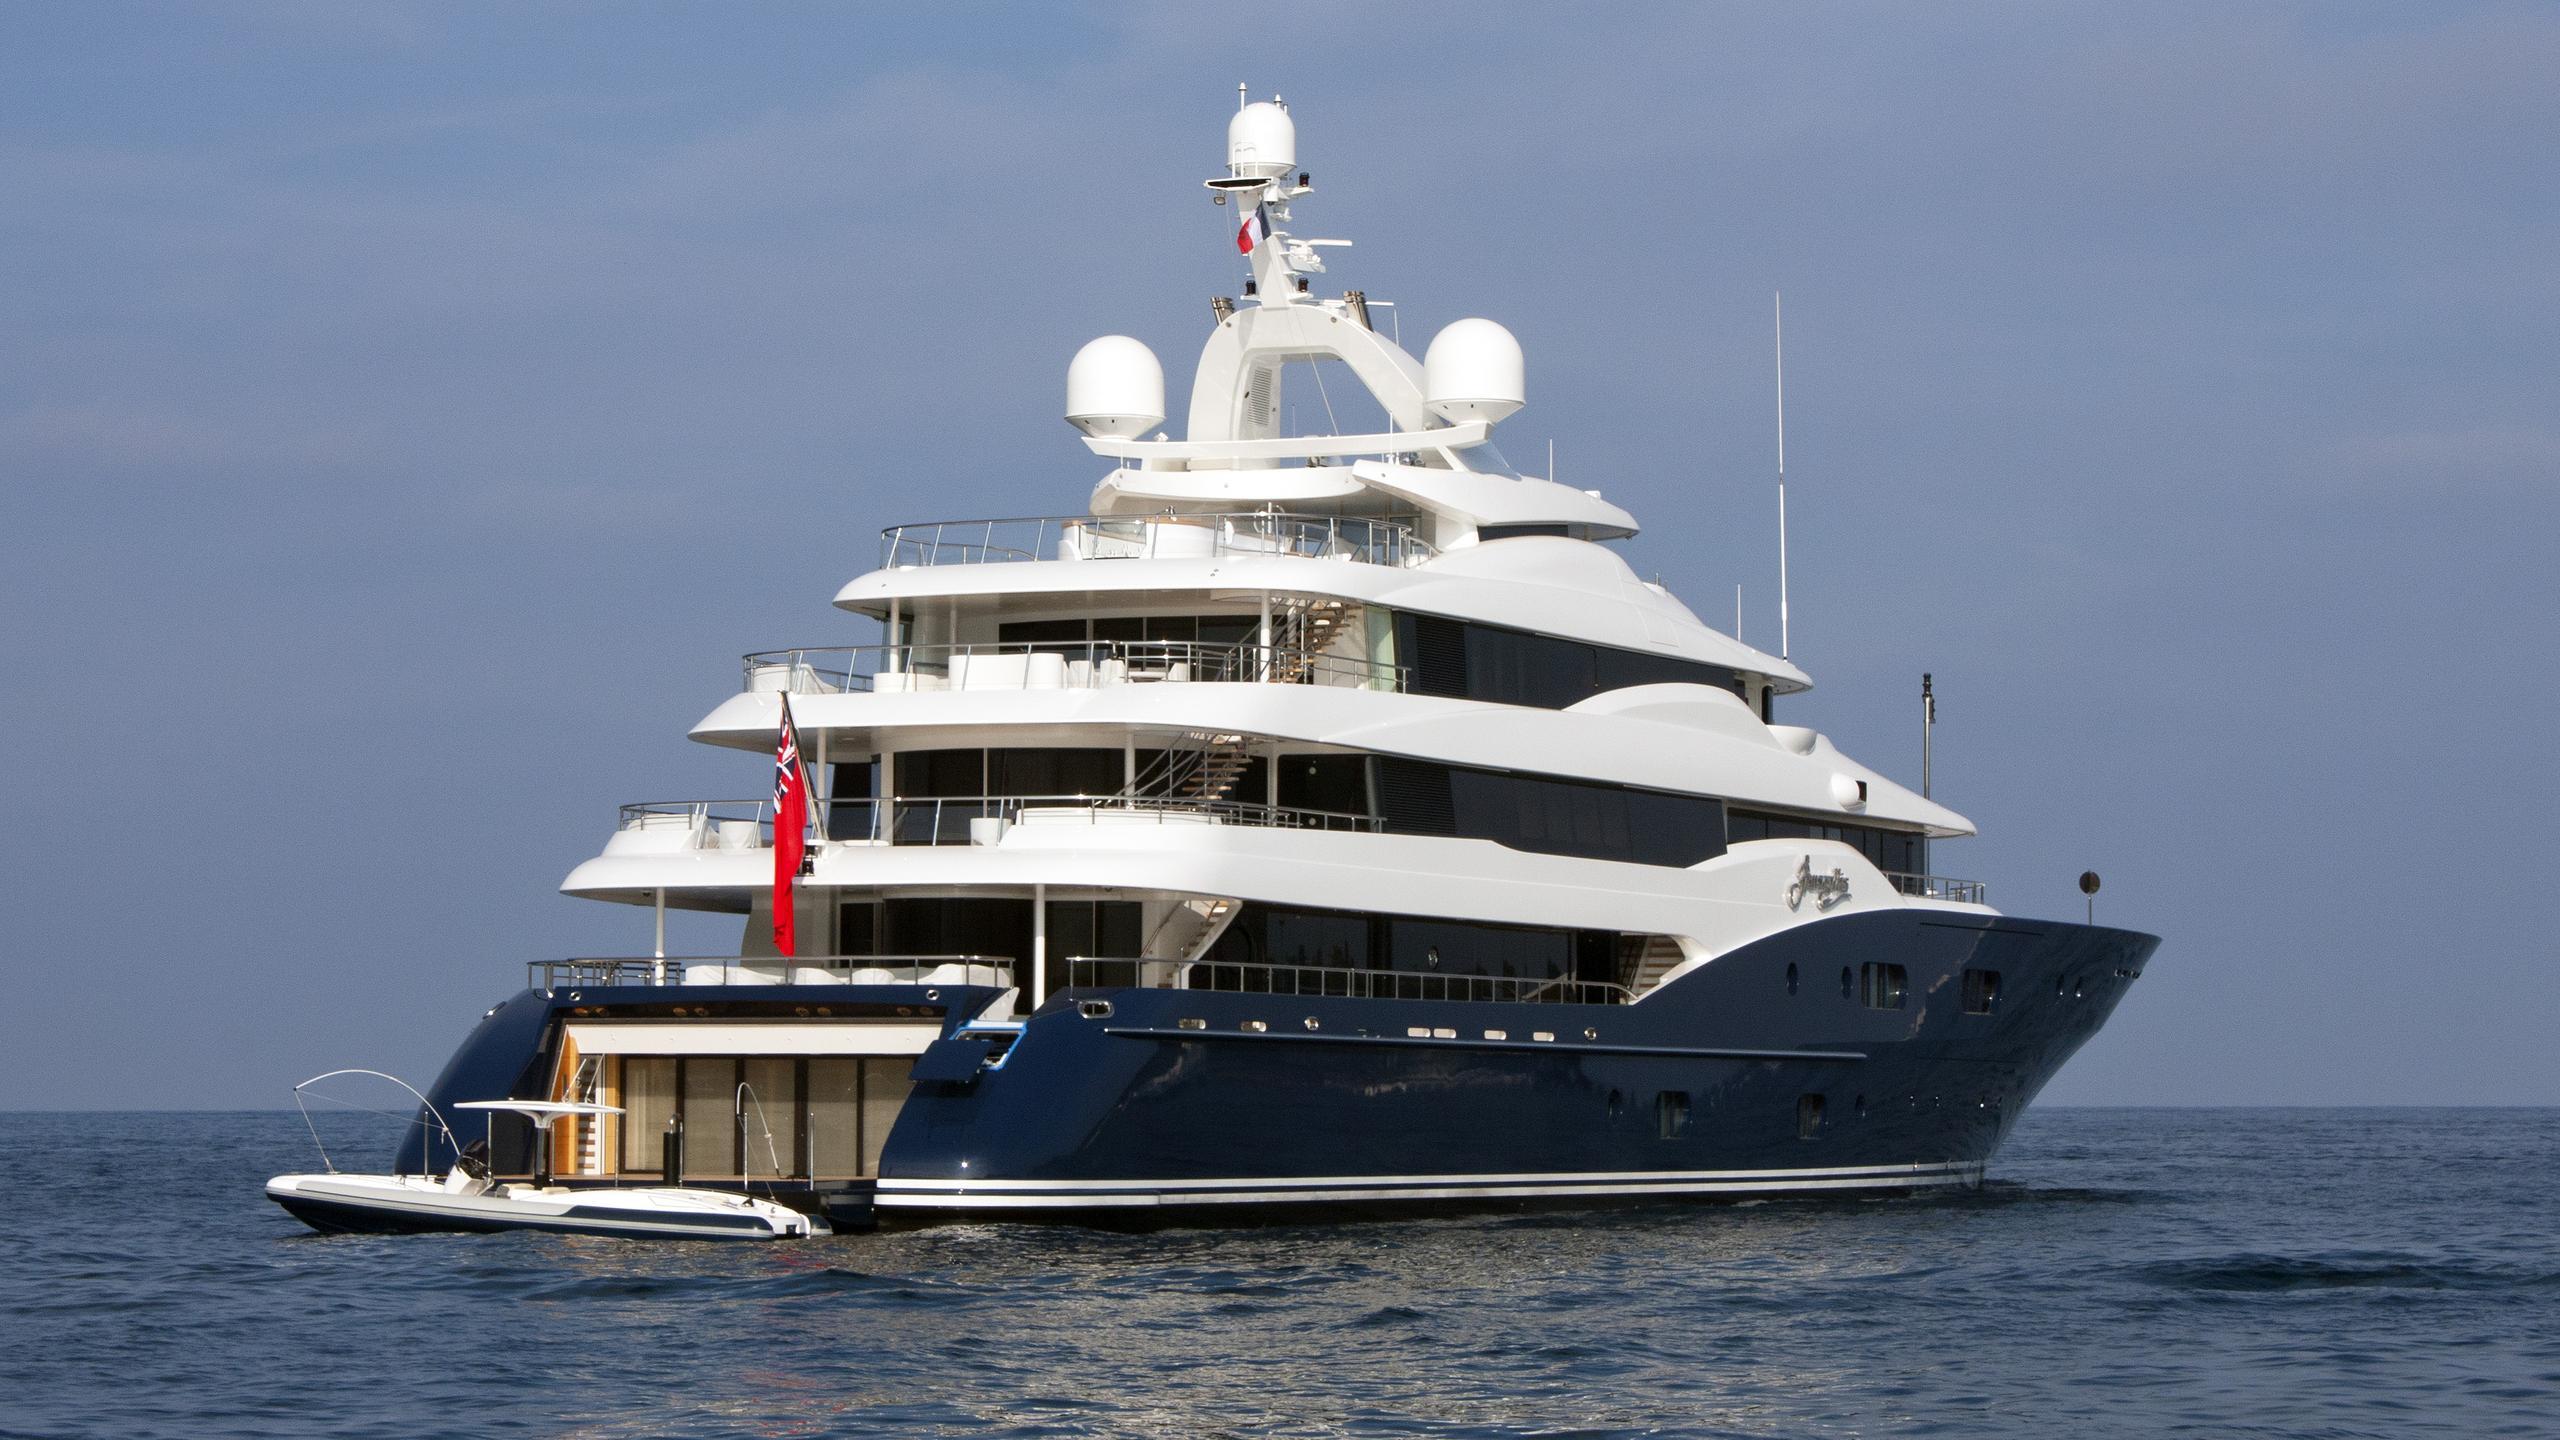 amaryllis-motor-yacht-abeking-rasmussen-2011-78m-stern